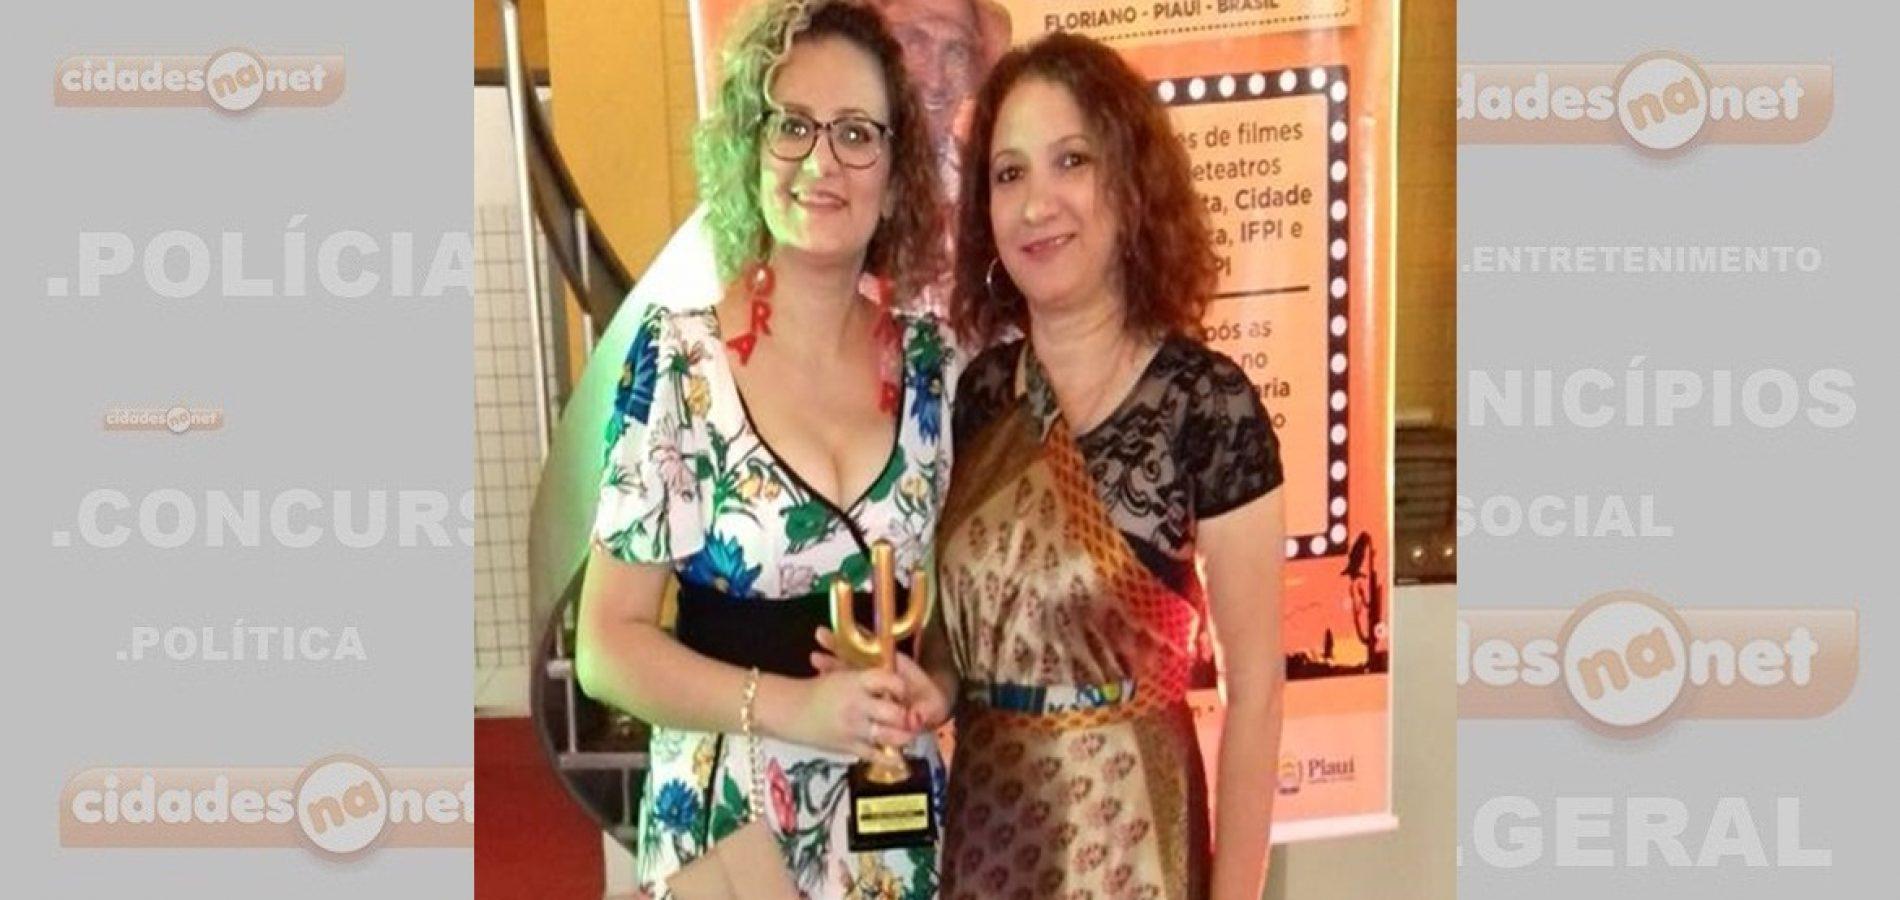 Curta-metragem sobre feira livre de Picos conquista prêmio no 12º Encontro Nacional de Cinema e Vídeo dos Sertões